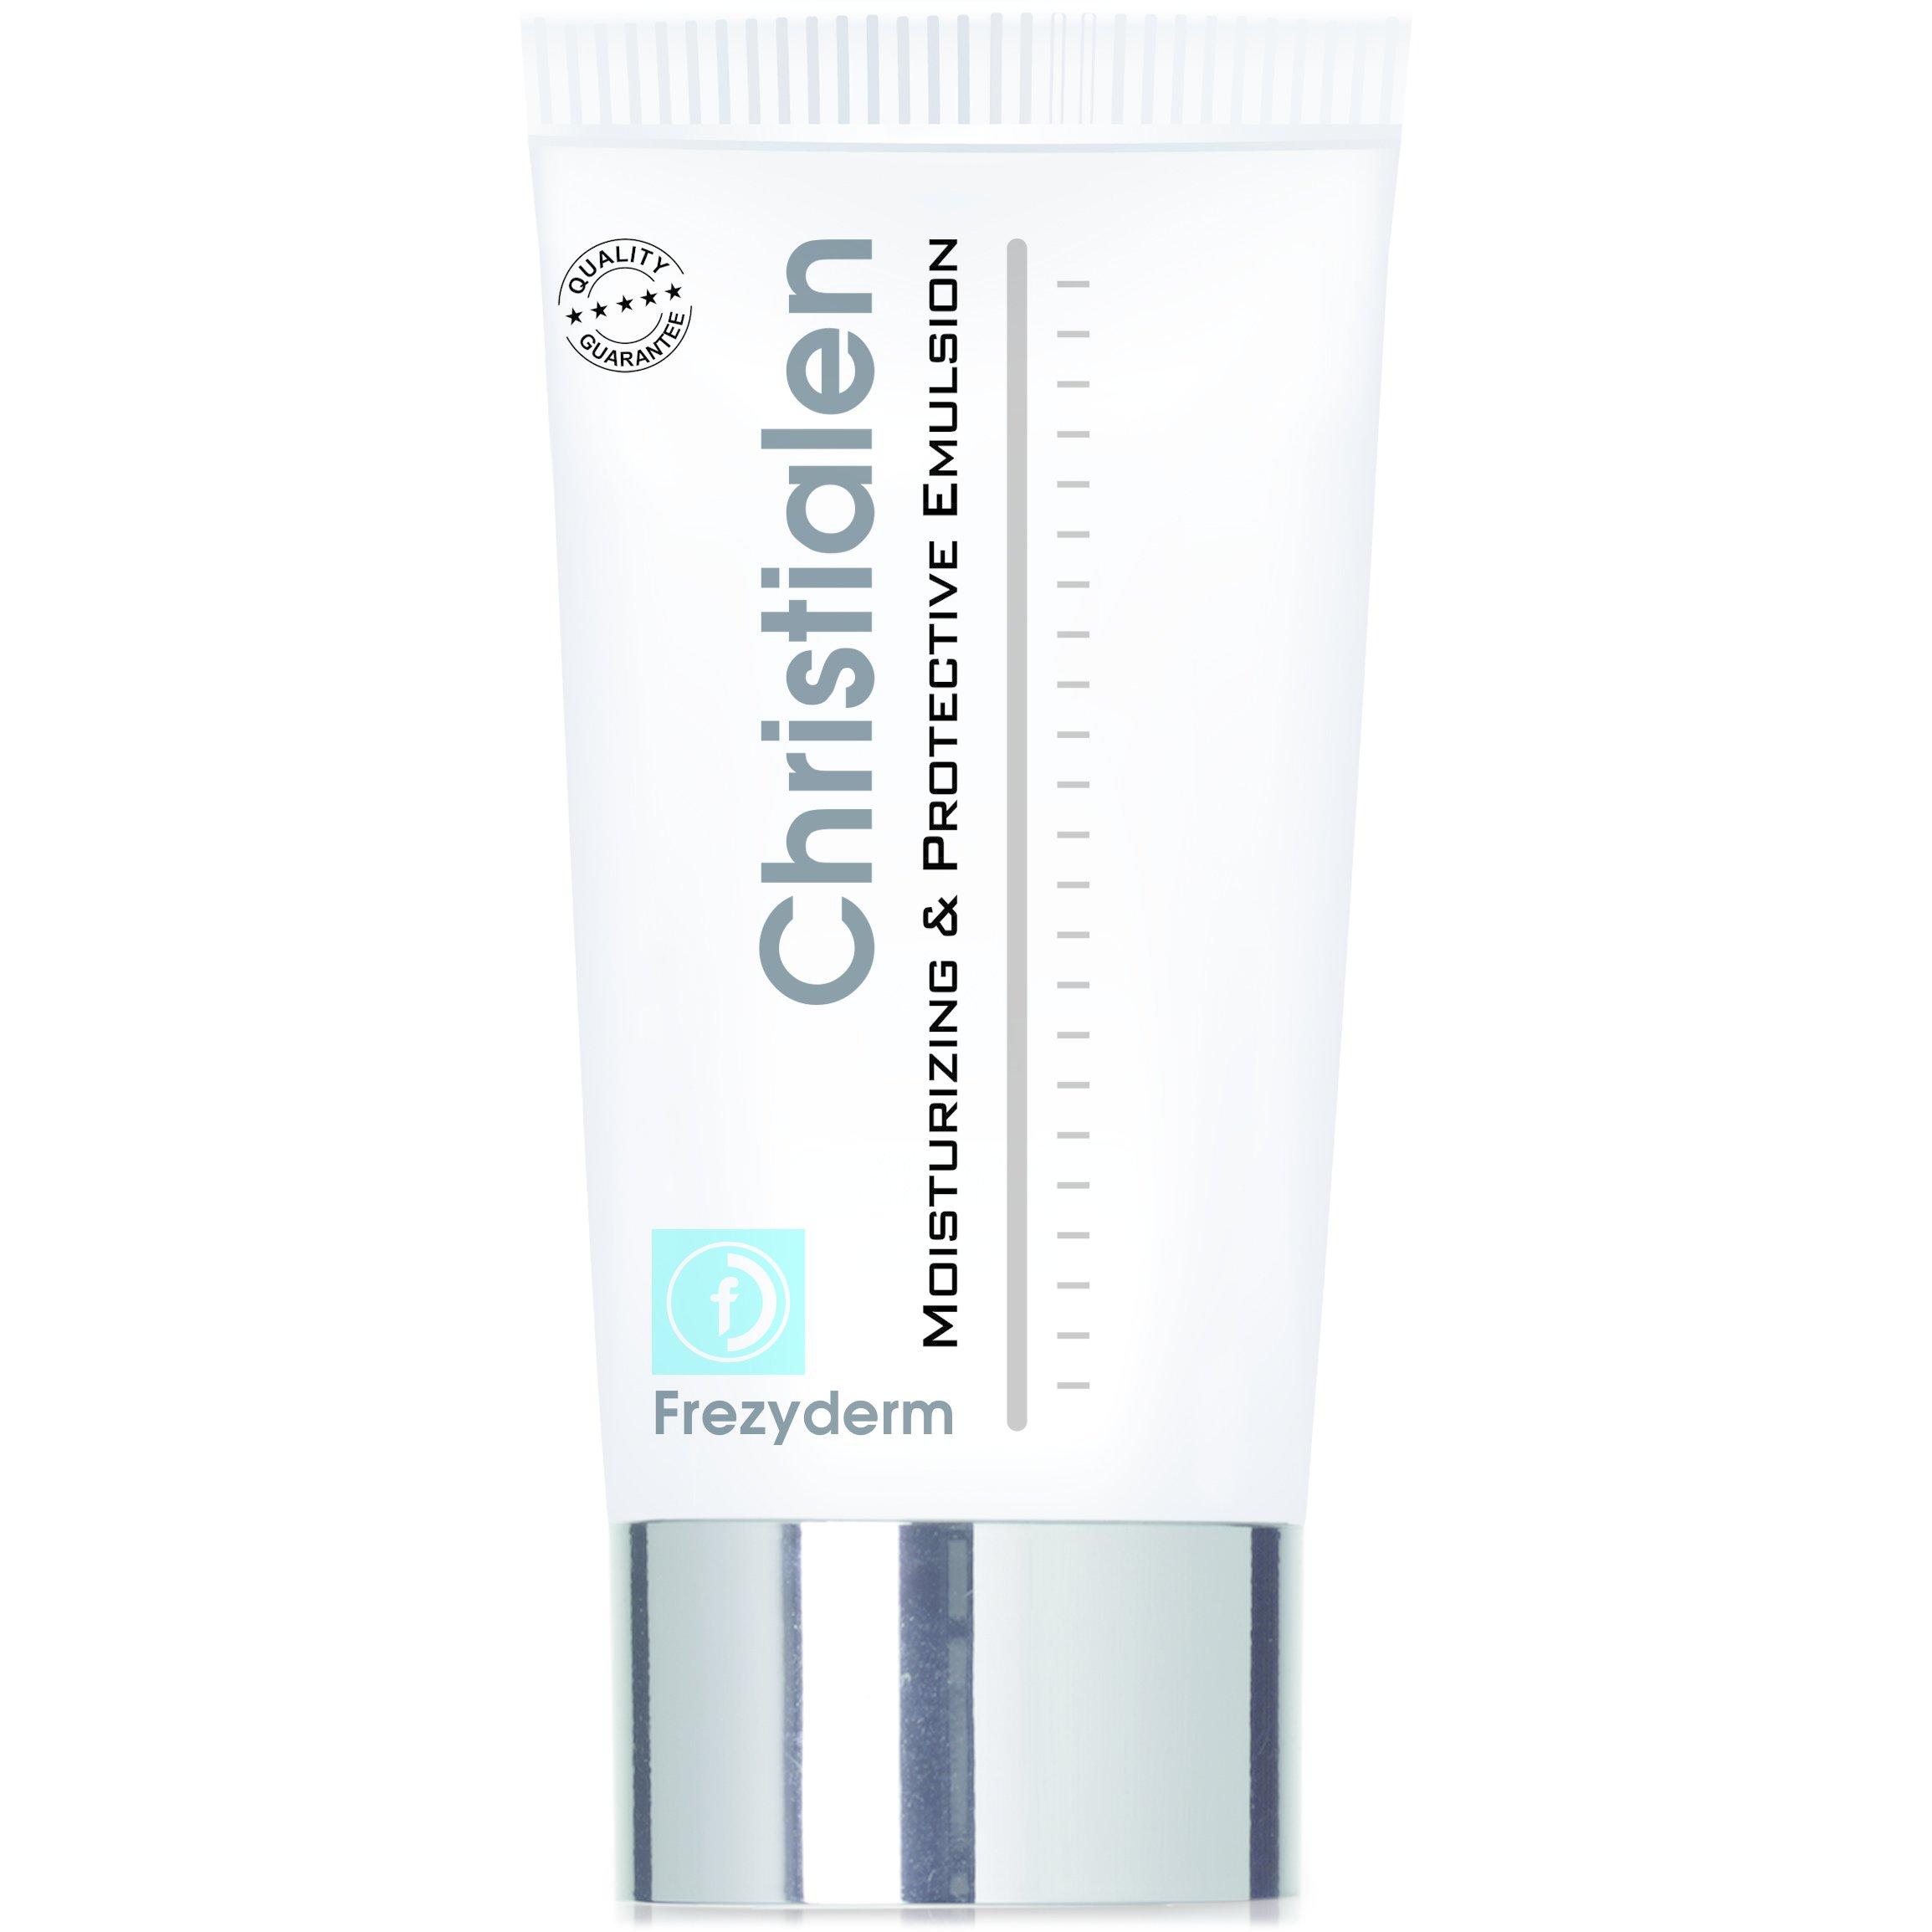 Frezyderm Christialen Moisturizing and Protective Emulsion Ενυδατικό & Προστατευτικό Γαλάκτωμα Σώματος – 200ml